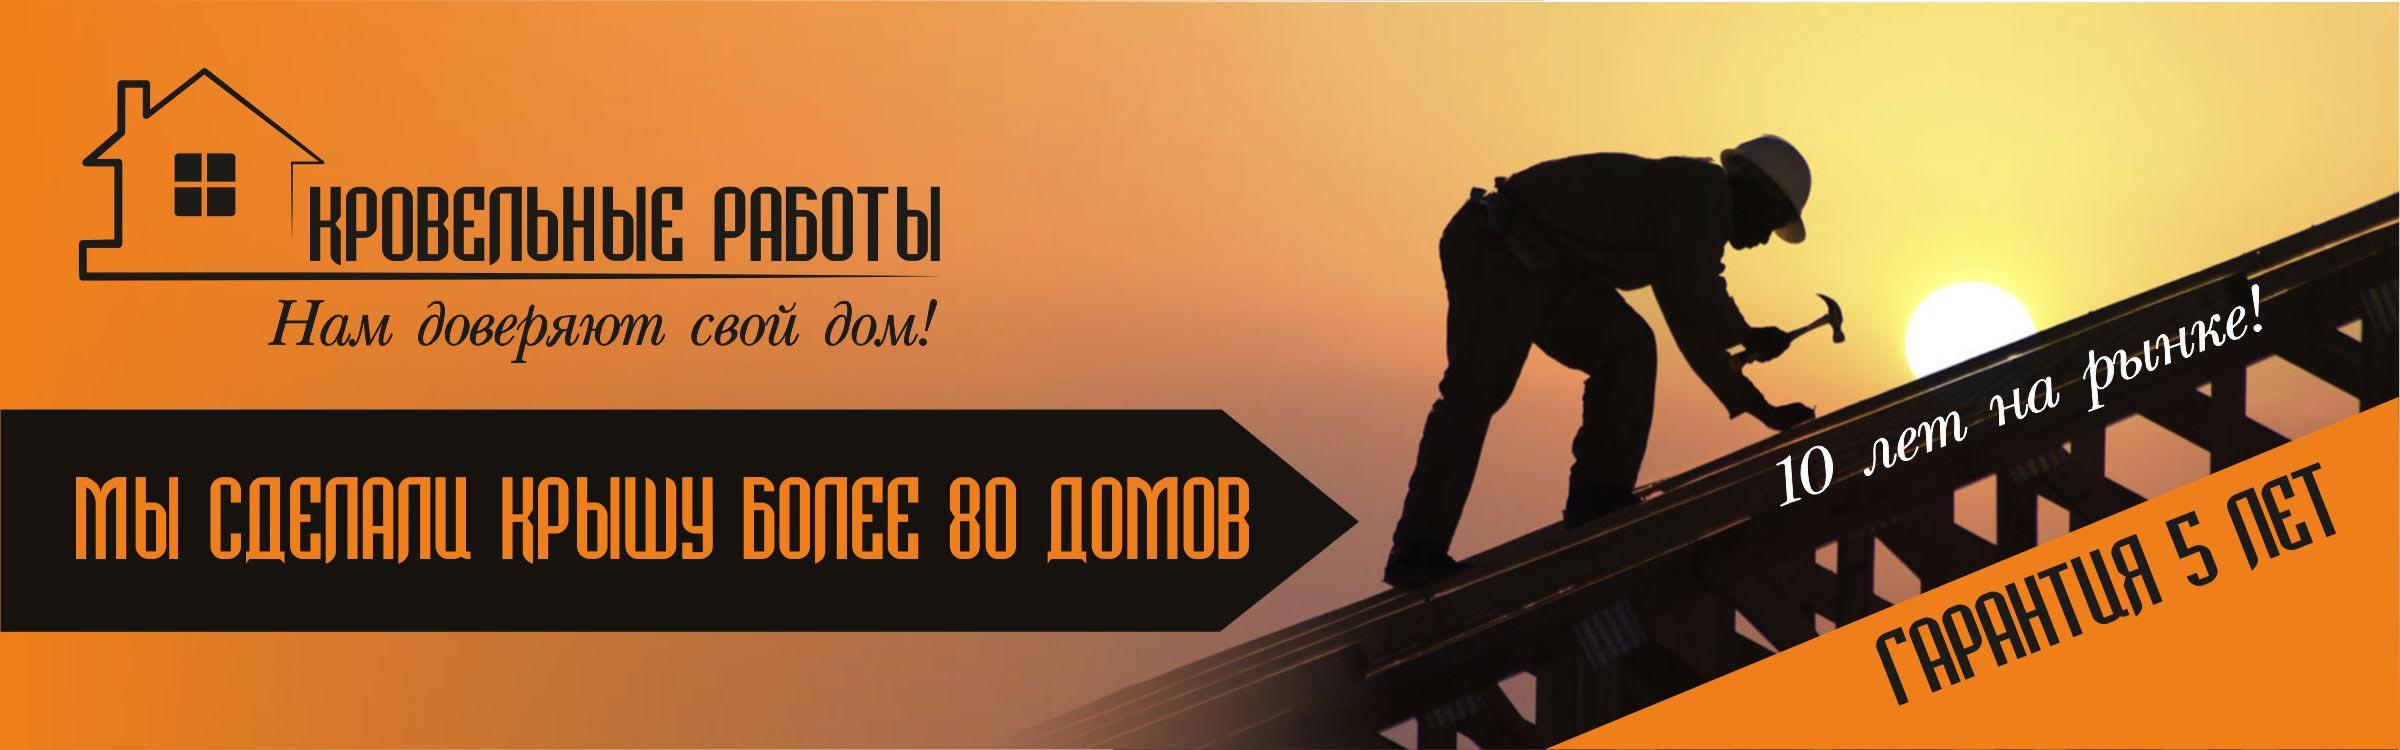 Строительная компания 'Кровельные работы - Строительная компания' в Смоленске. Главная страница